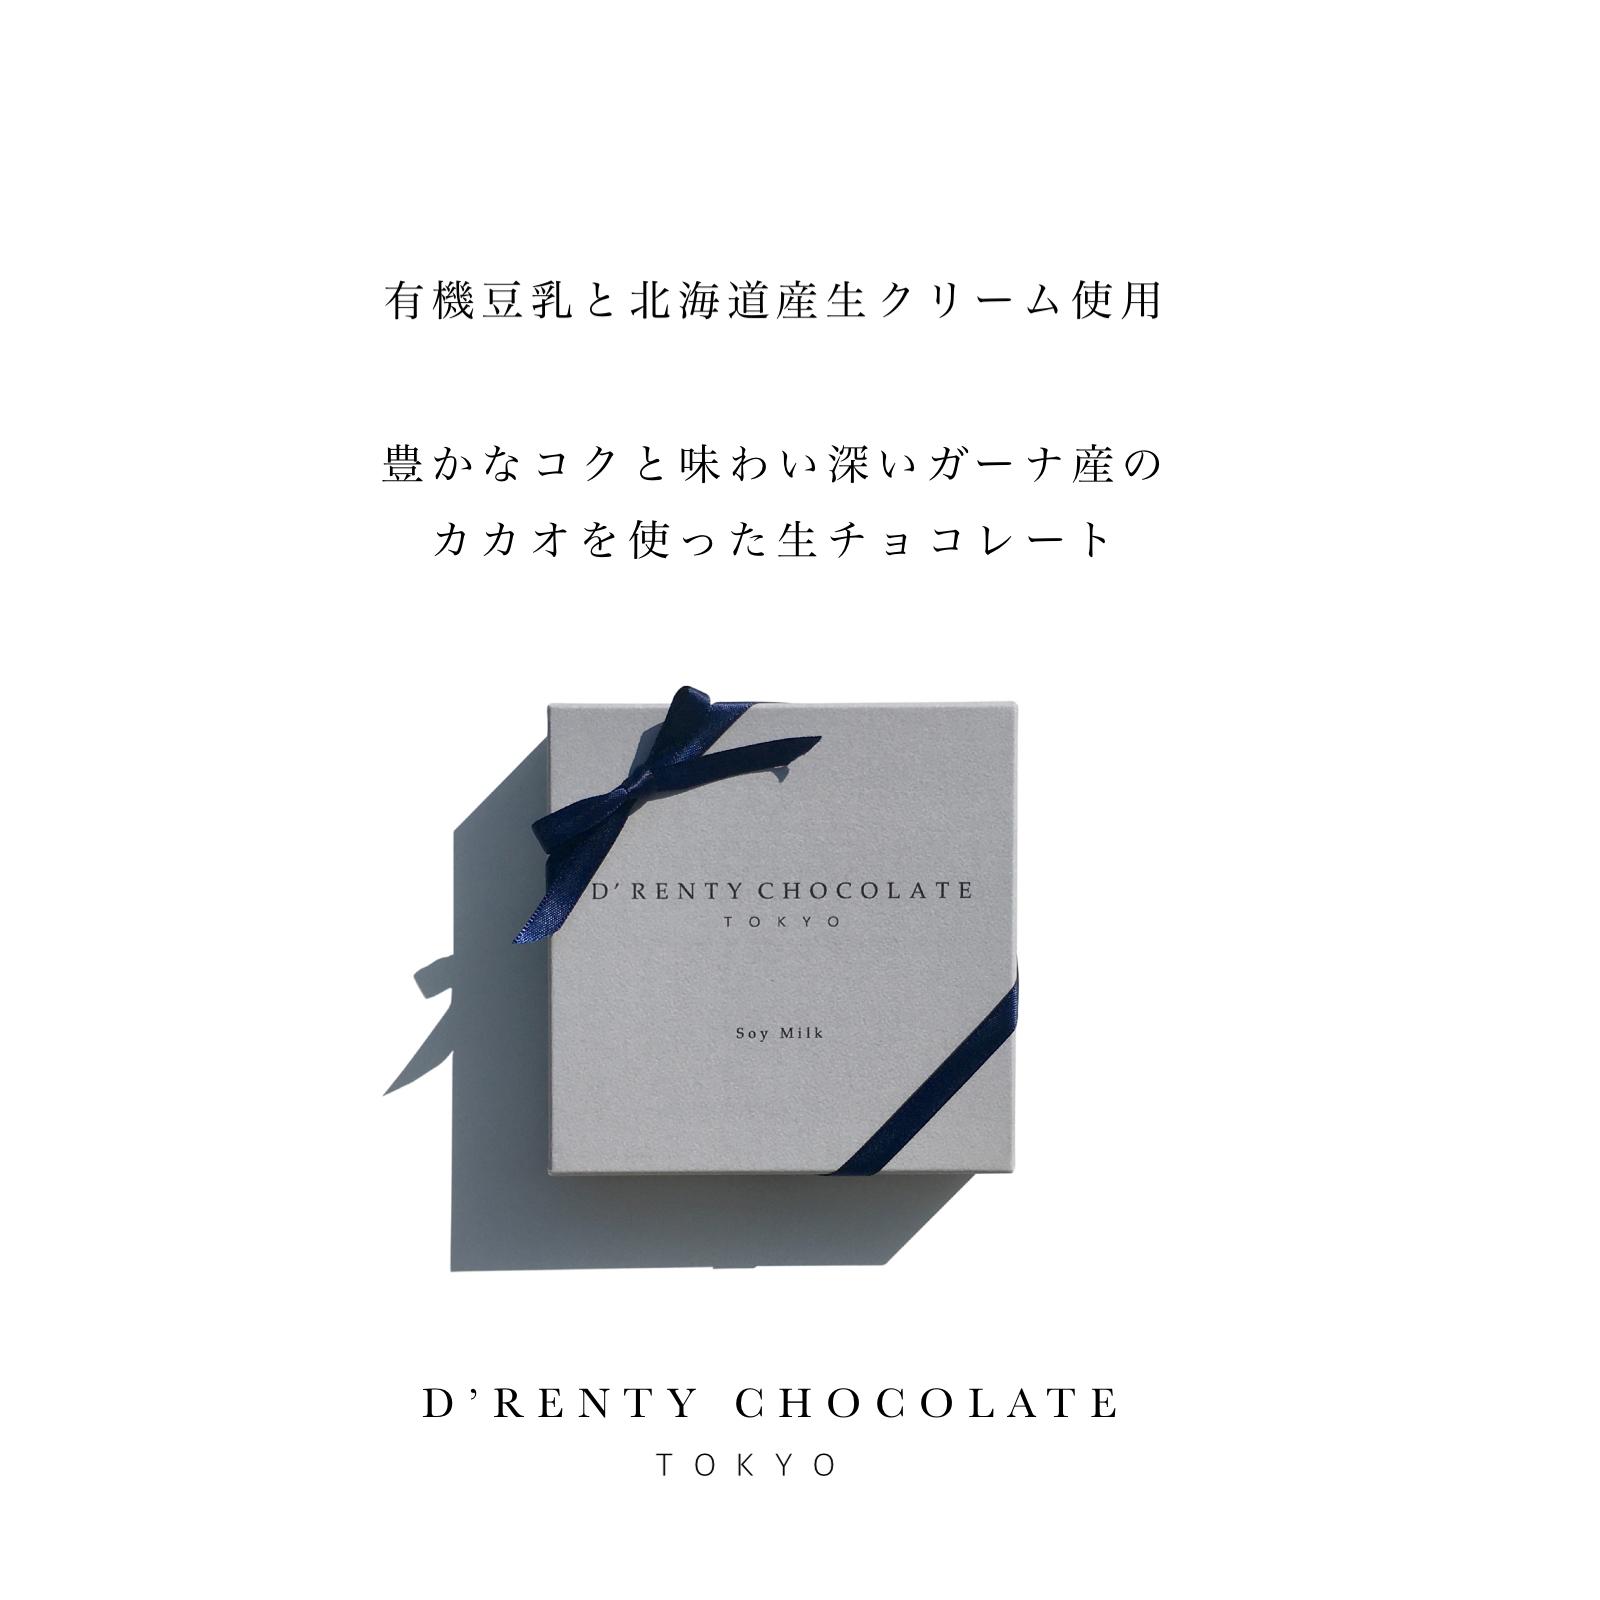 ソイミルク(生チョコレート)紹介文有り